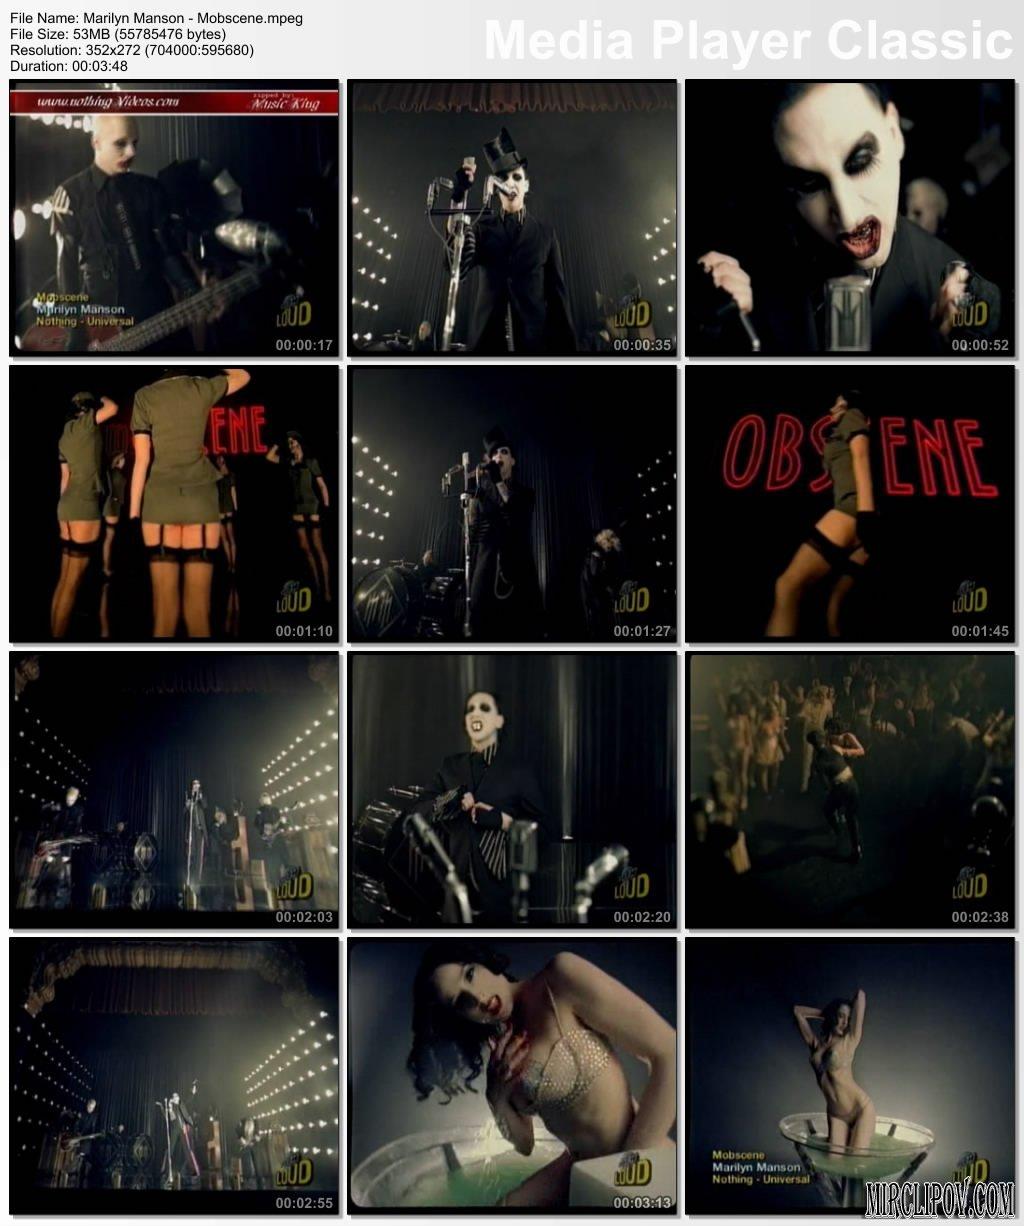 Смотреть бесплатно музыкальные клипы для взрослых 12 фотография